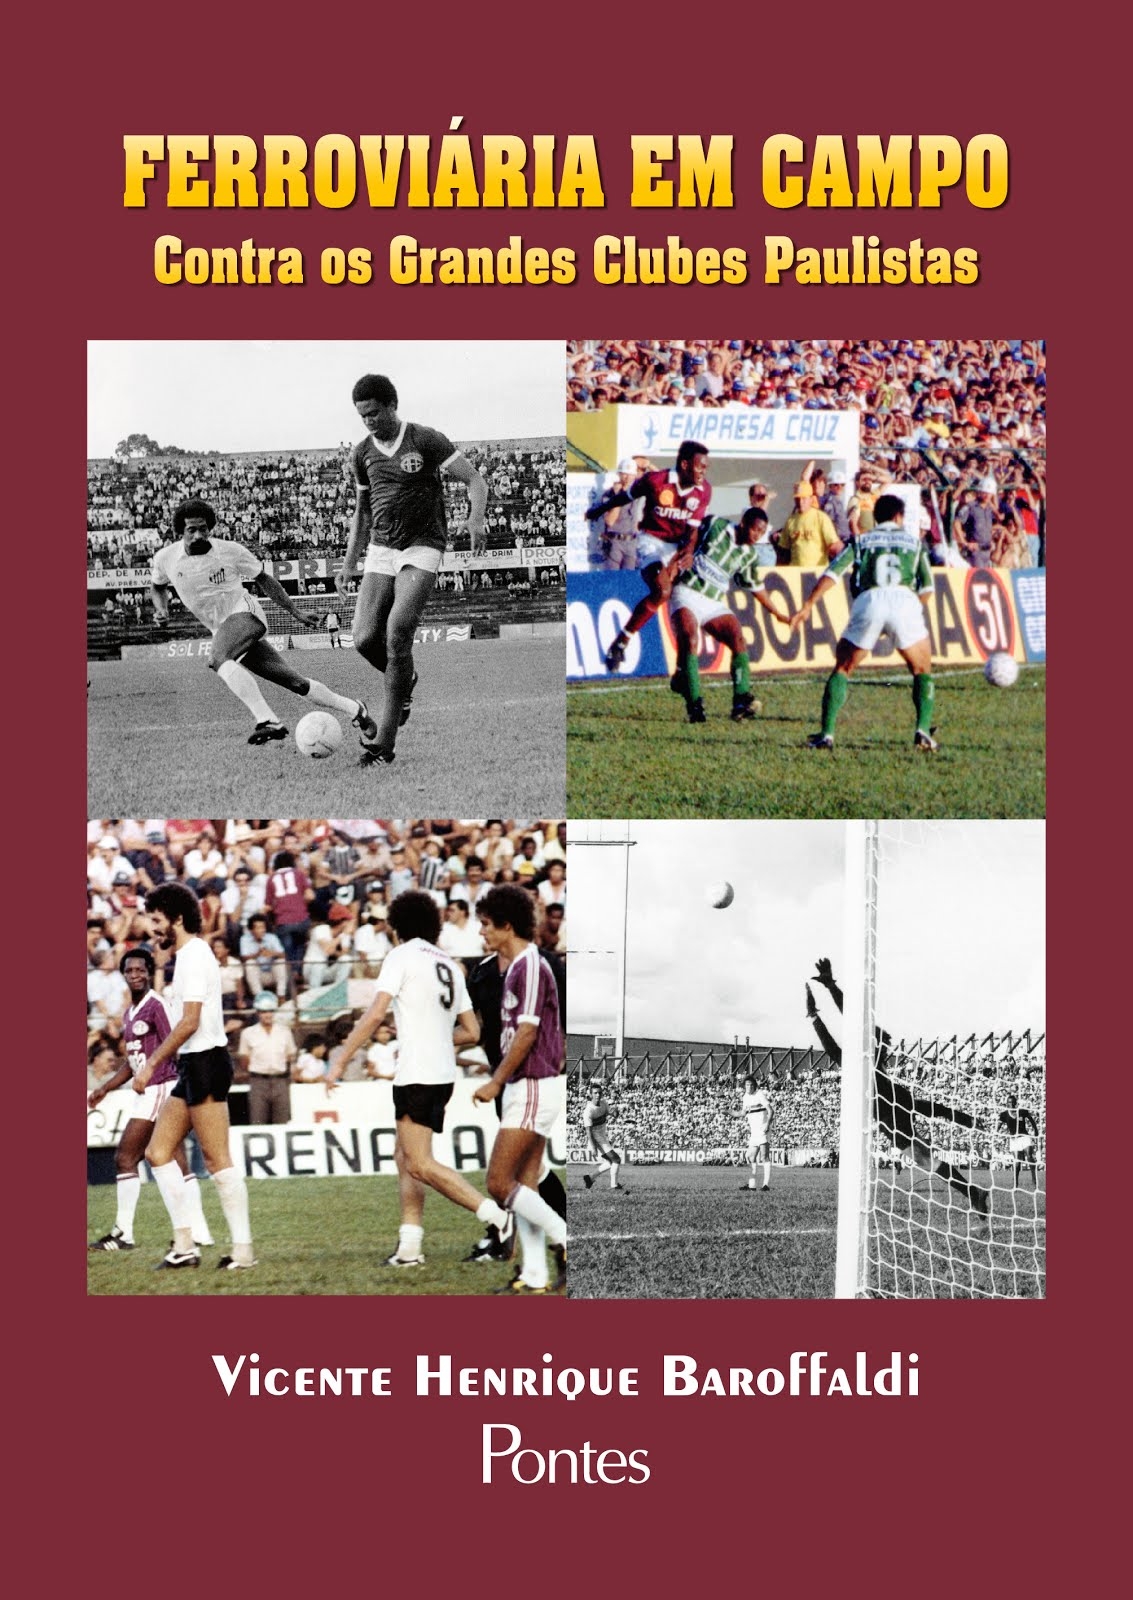 FERROVIÁRIA EM CAMPO - CONTRA OS GRANDES CLUBES PAULISTAS